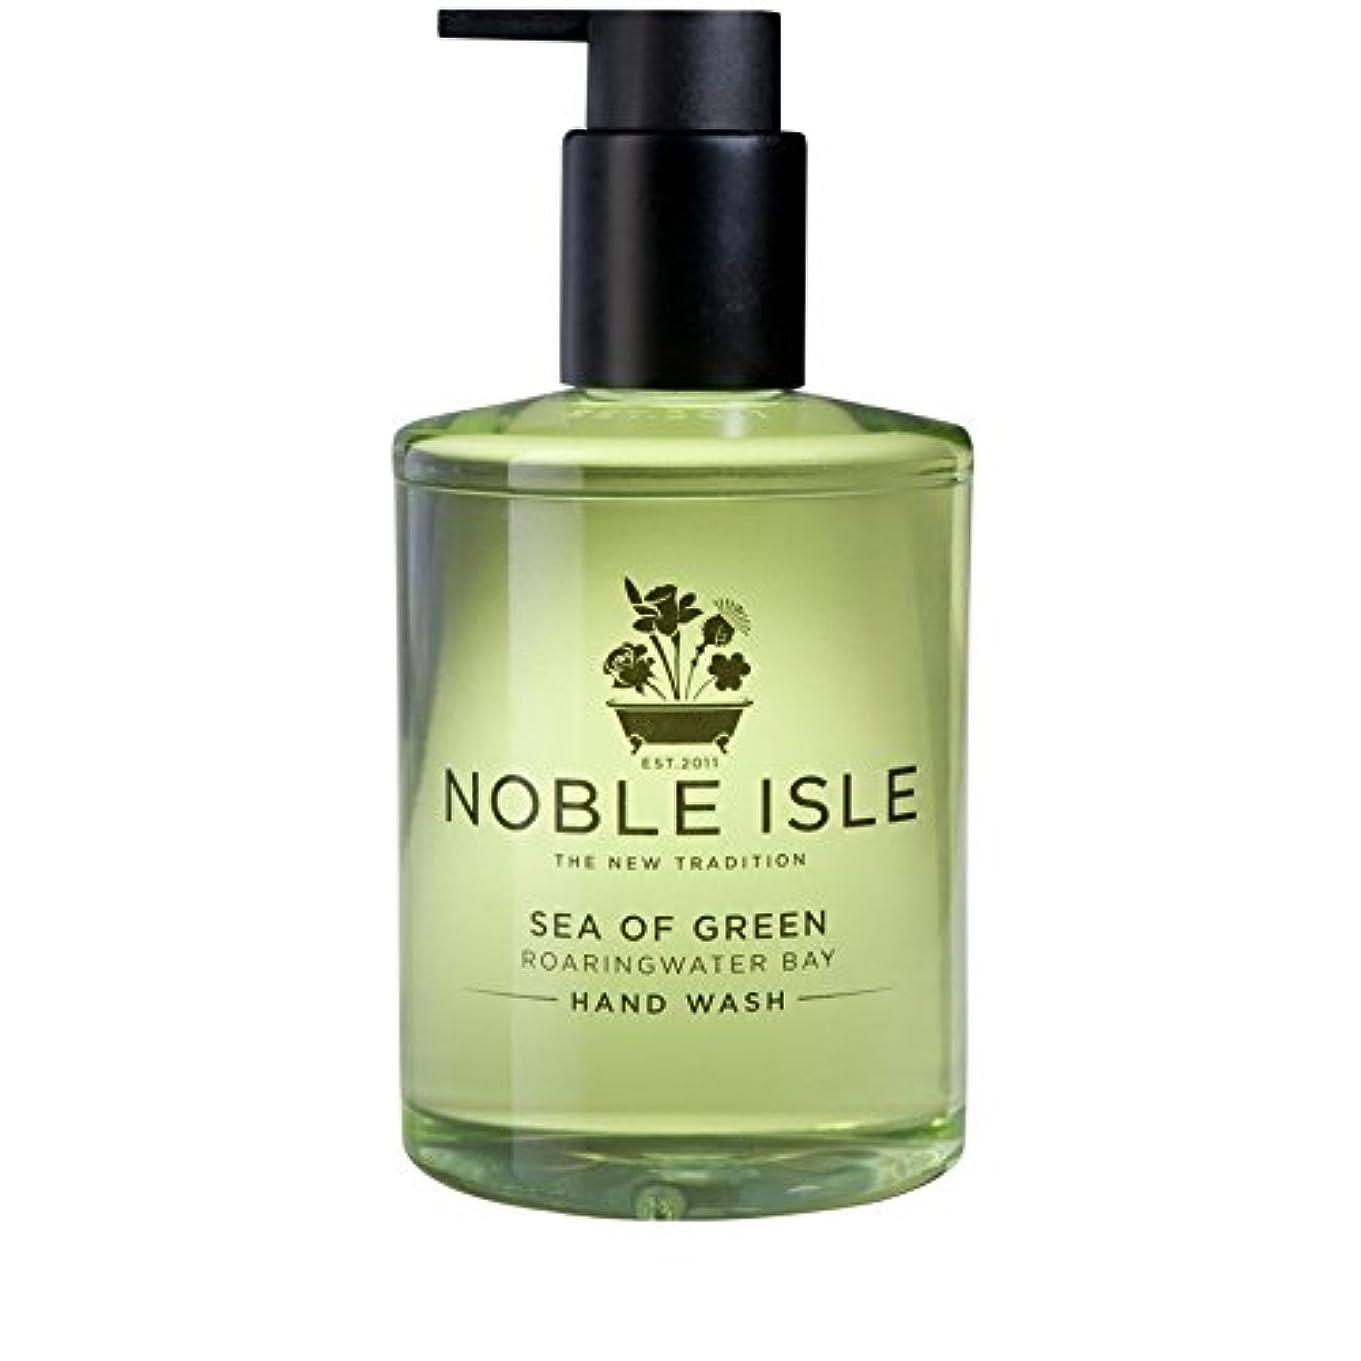 データベース酸シルクNoble Isle Sea of Green Roaringwater Bay Hand Wash 250ml (Pack of 6) - 緑ベイハンドウォッシュ250ミリリットルの高貴な島の海 x6 [並行輸入品]